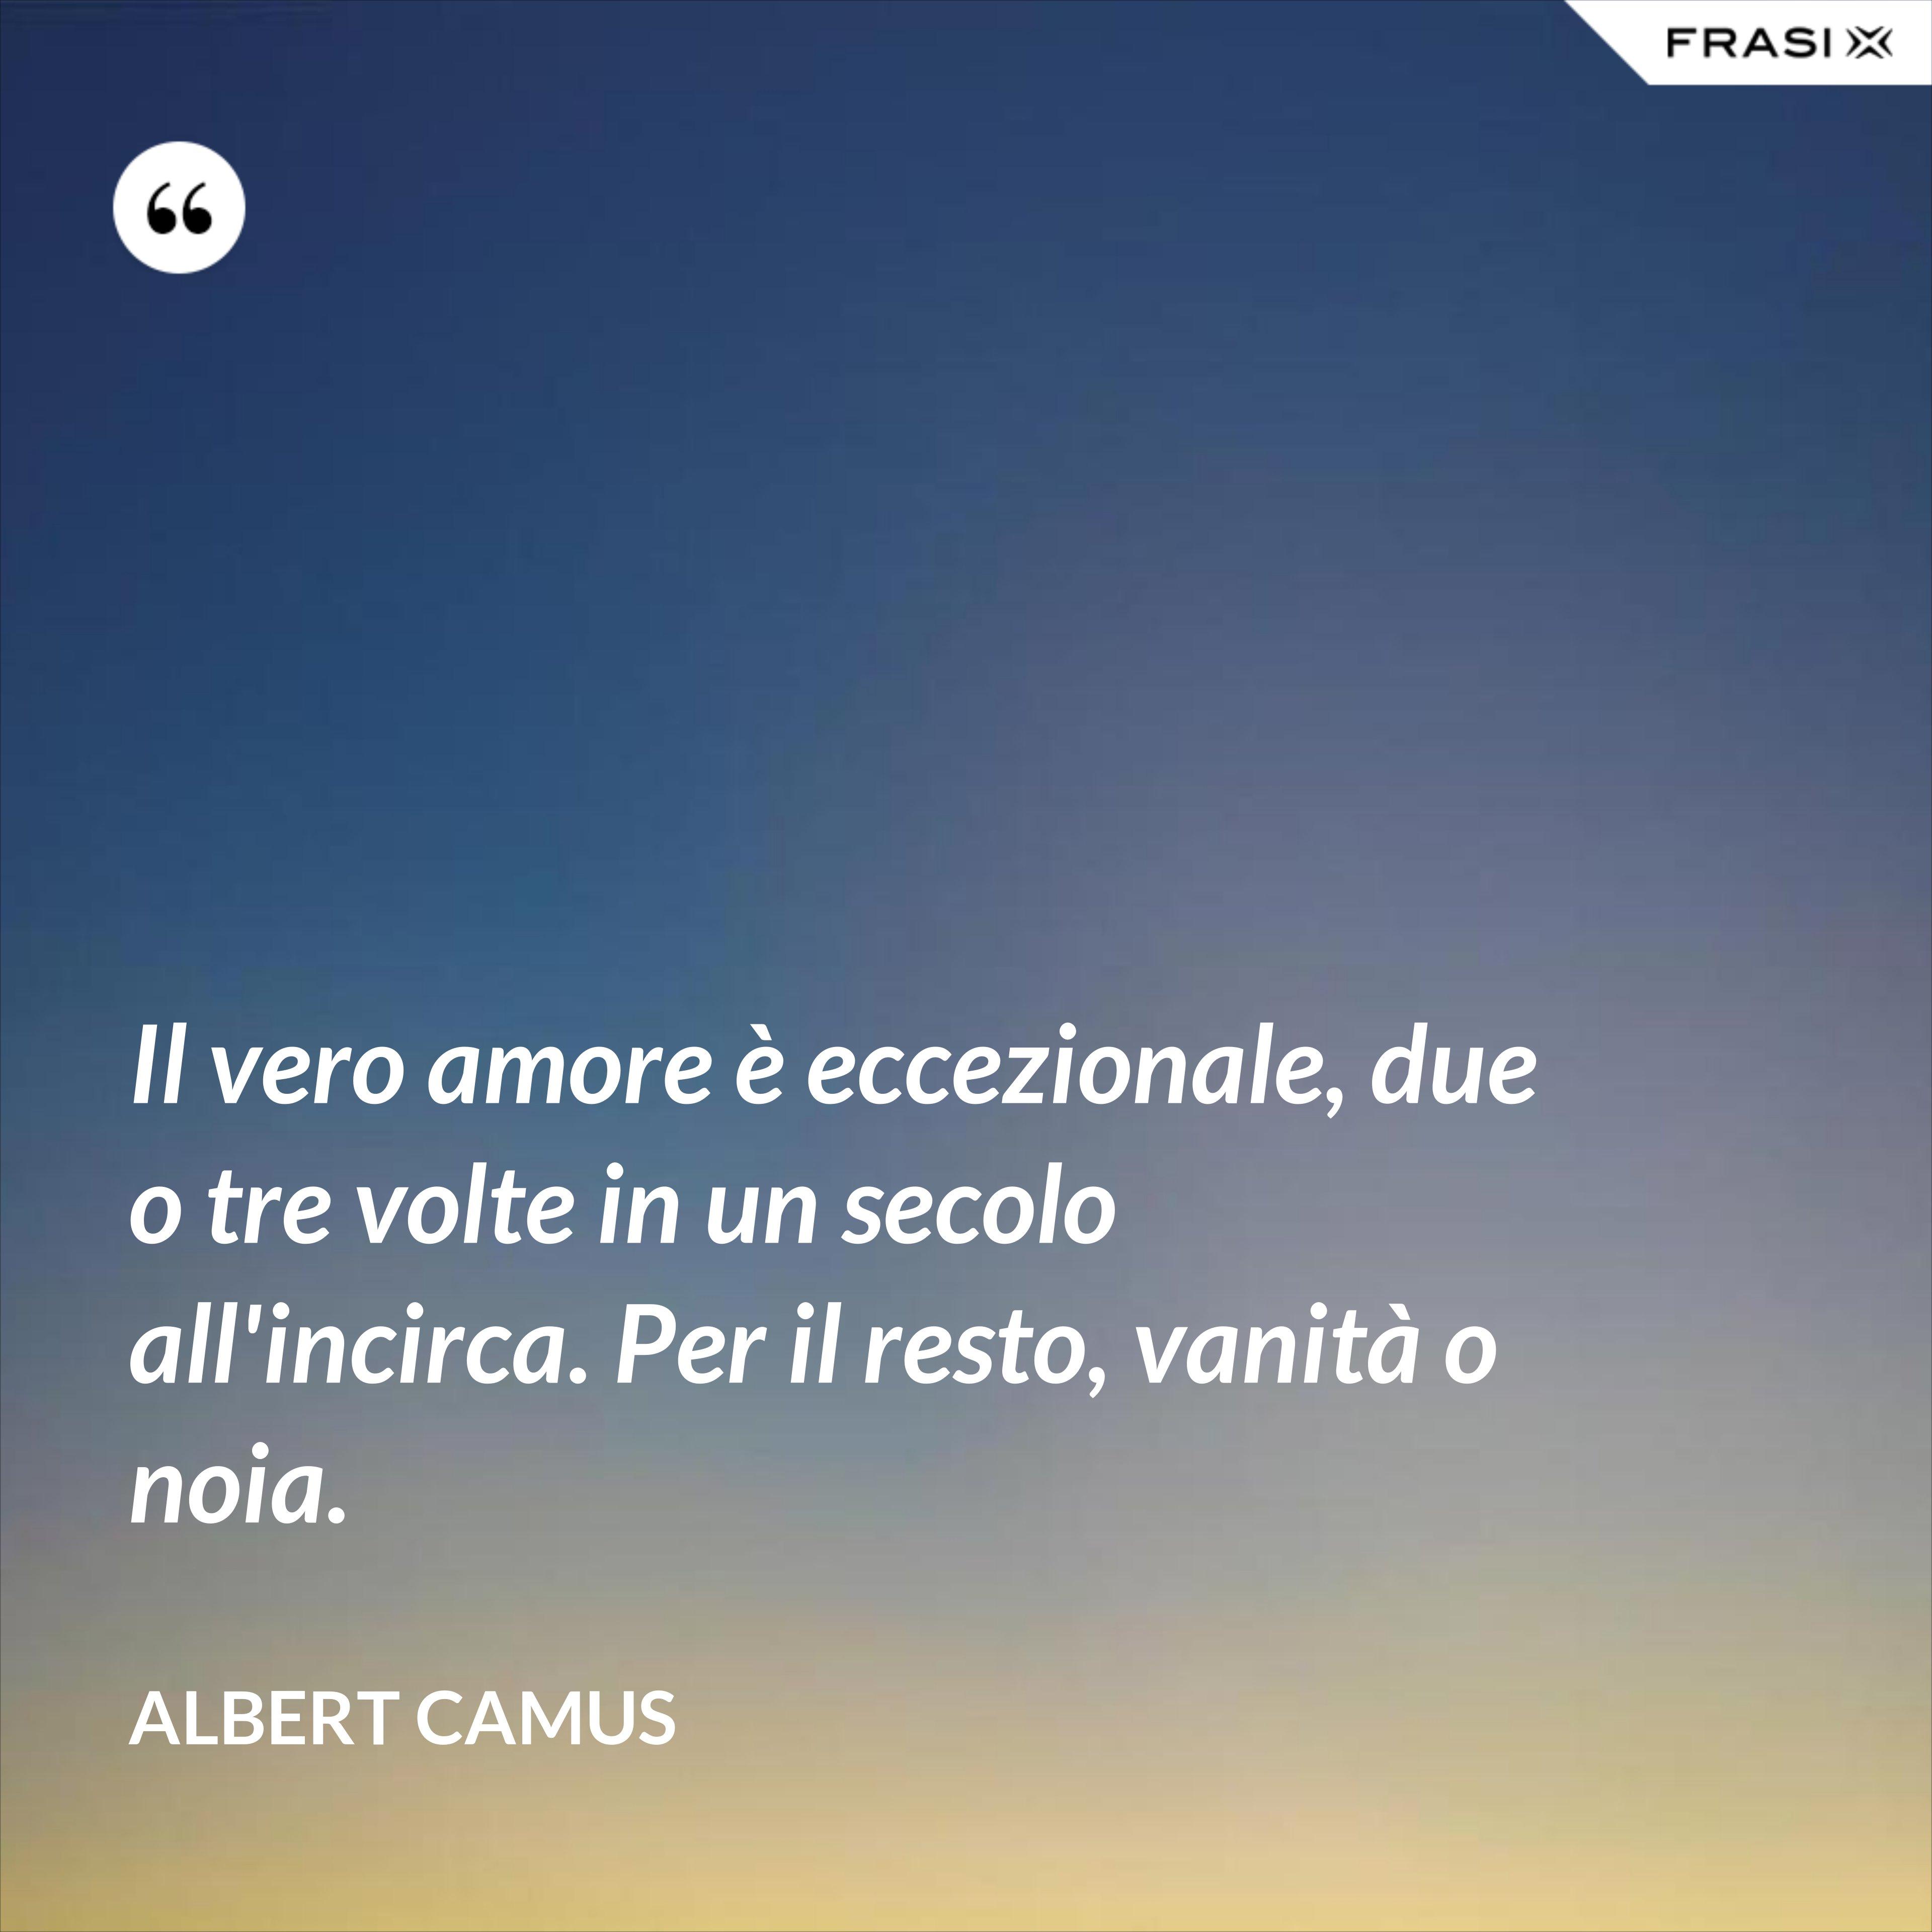 Il vero amore è eccezionale, due o tre volte in un secolo all'incirca. Per il resto, vanità o noia. - Albert Camus